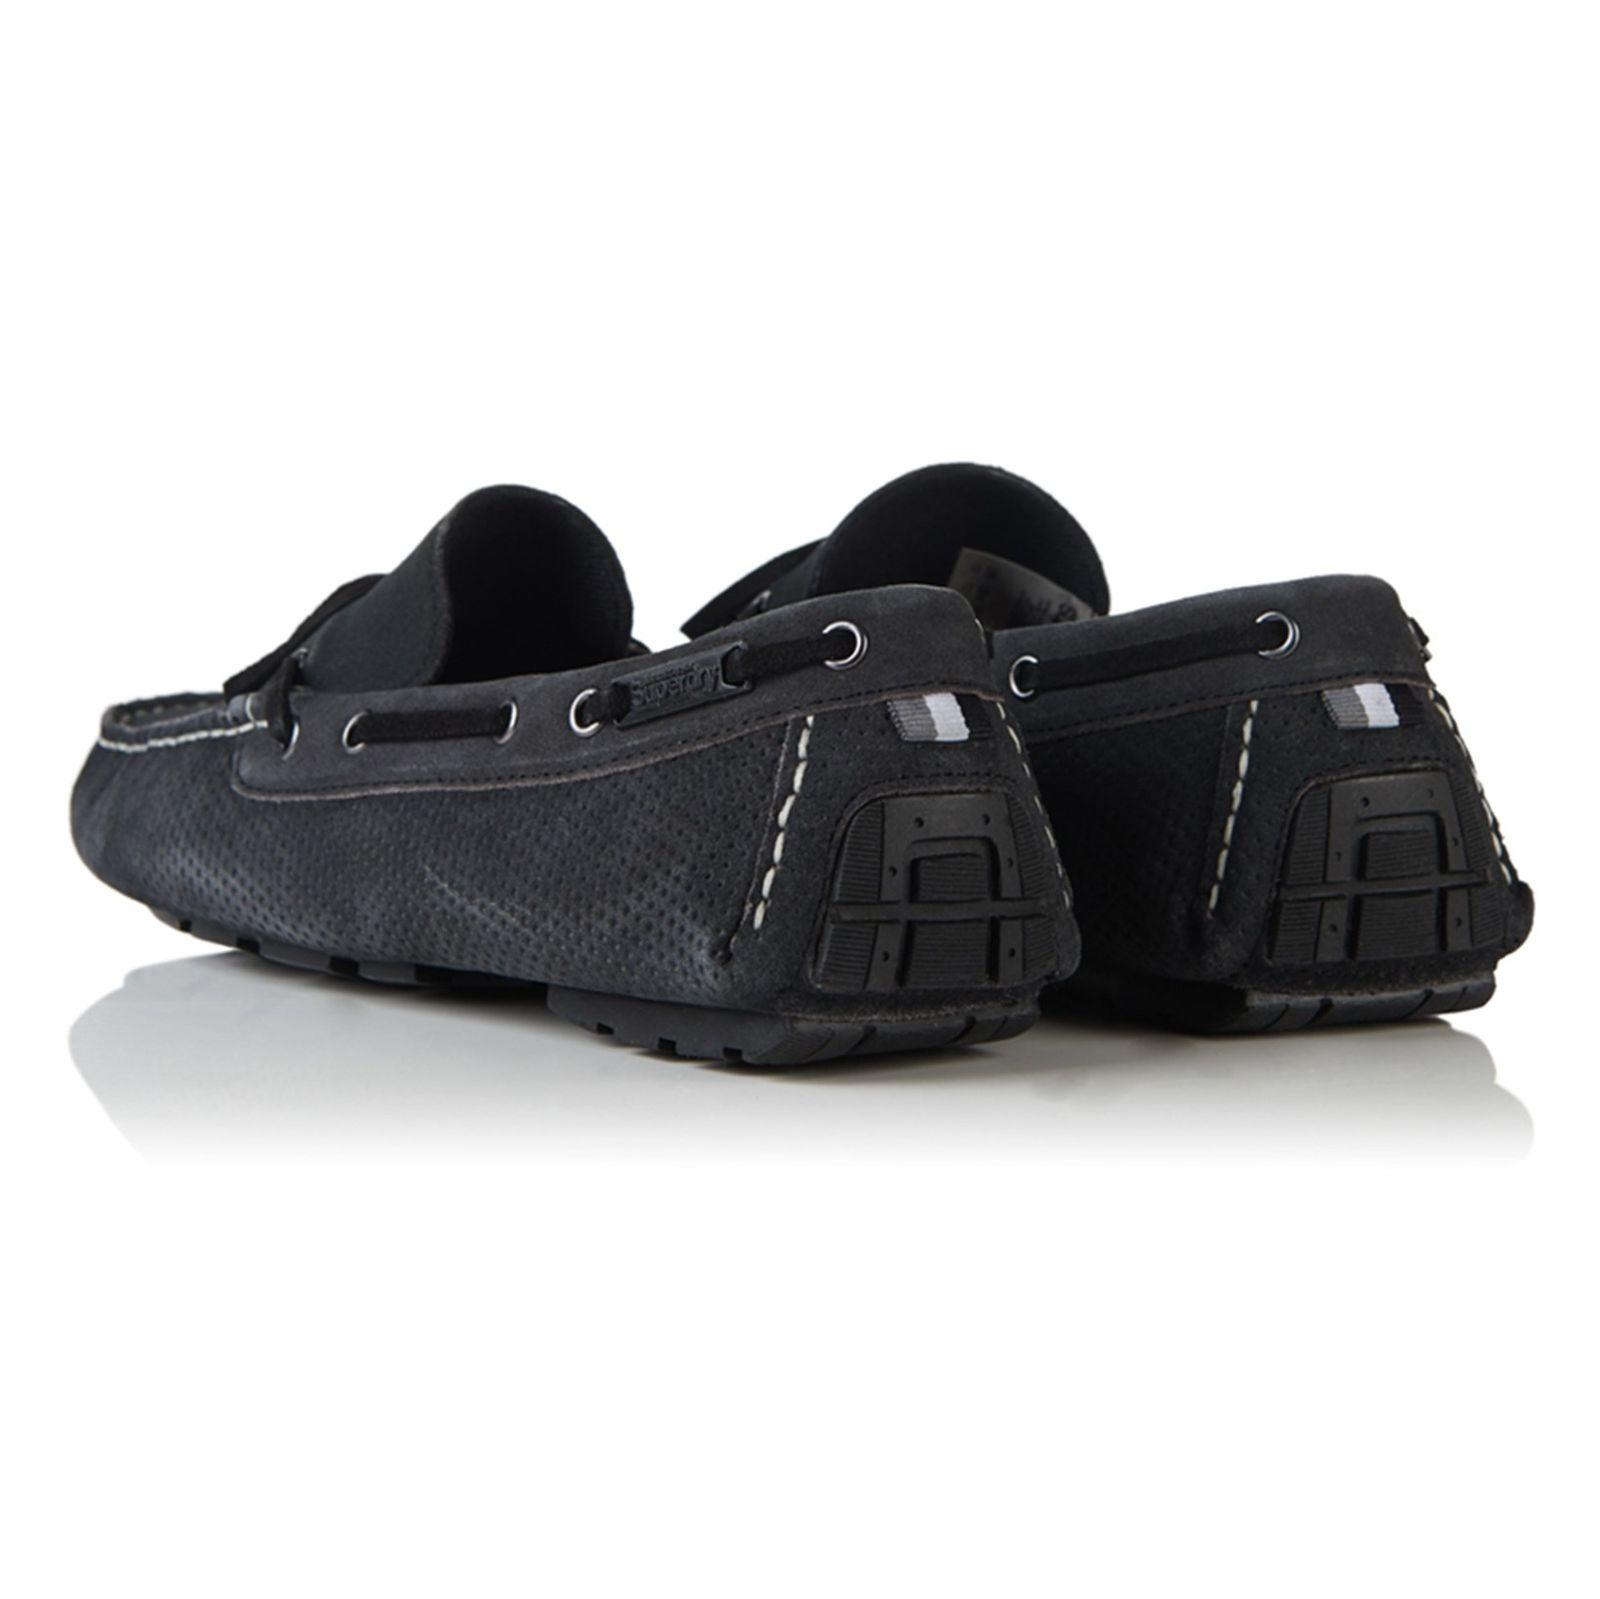 کفش راحتی چرم مردانه Driver - سوپردرای - زغالي - 9